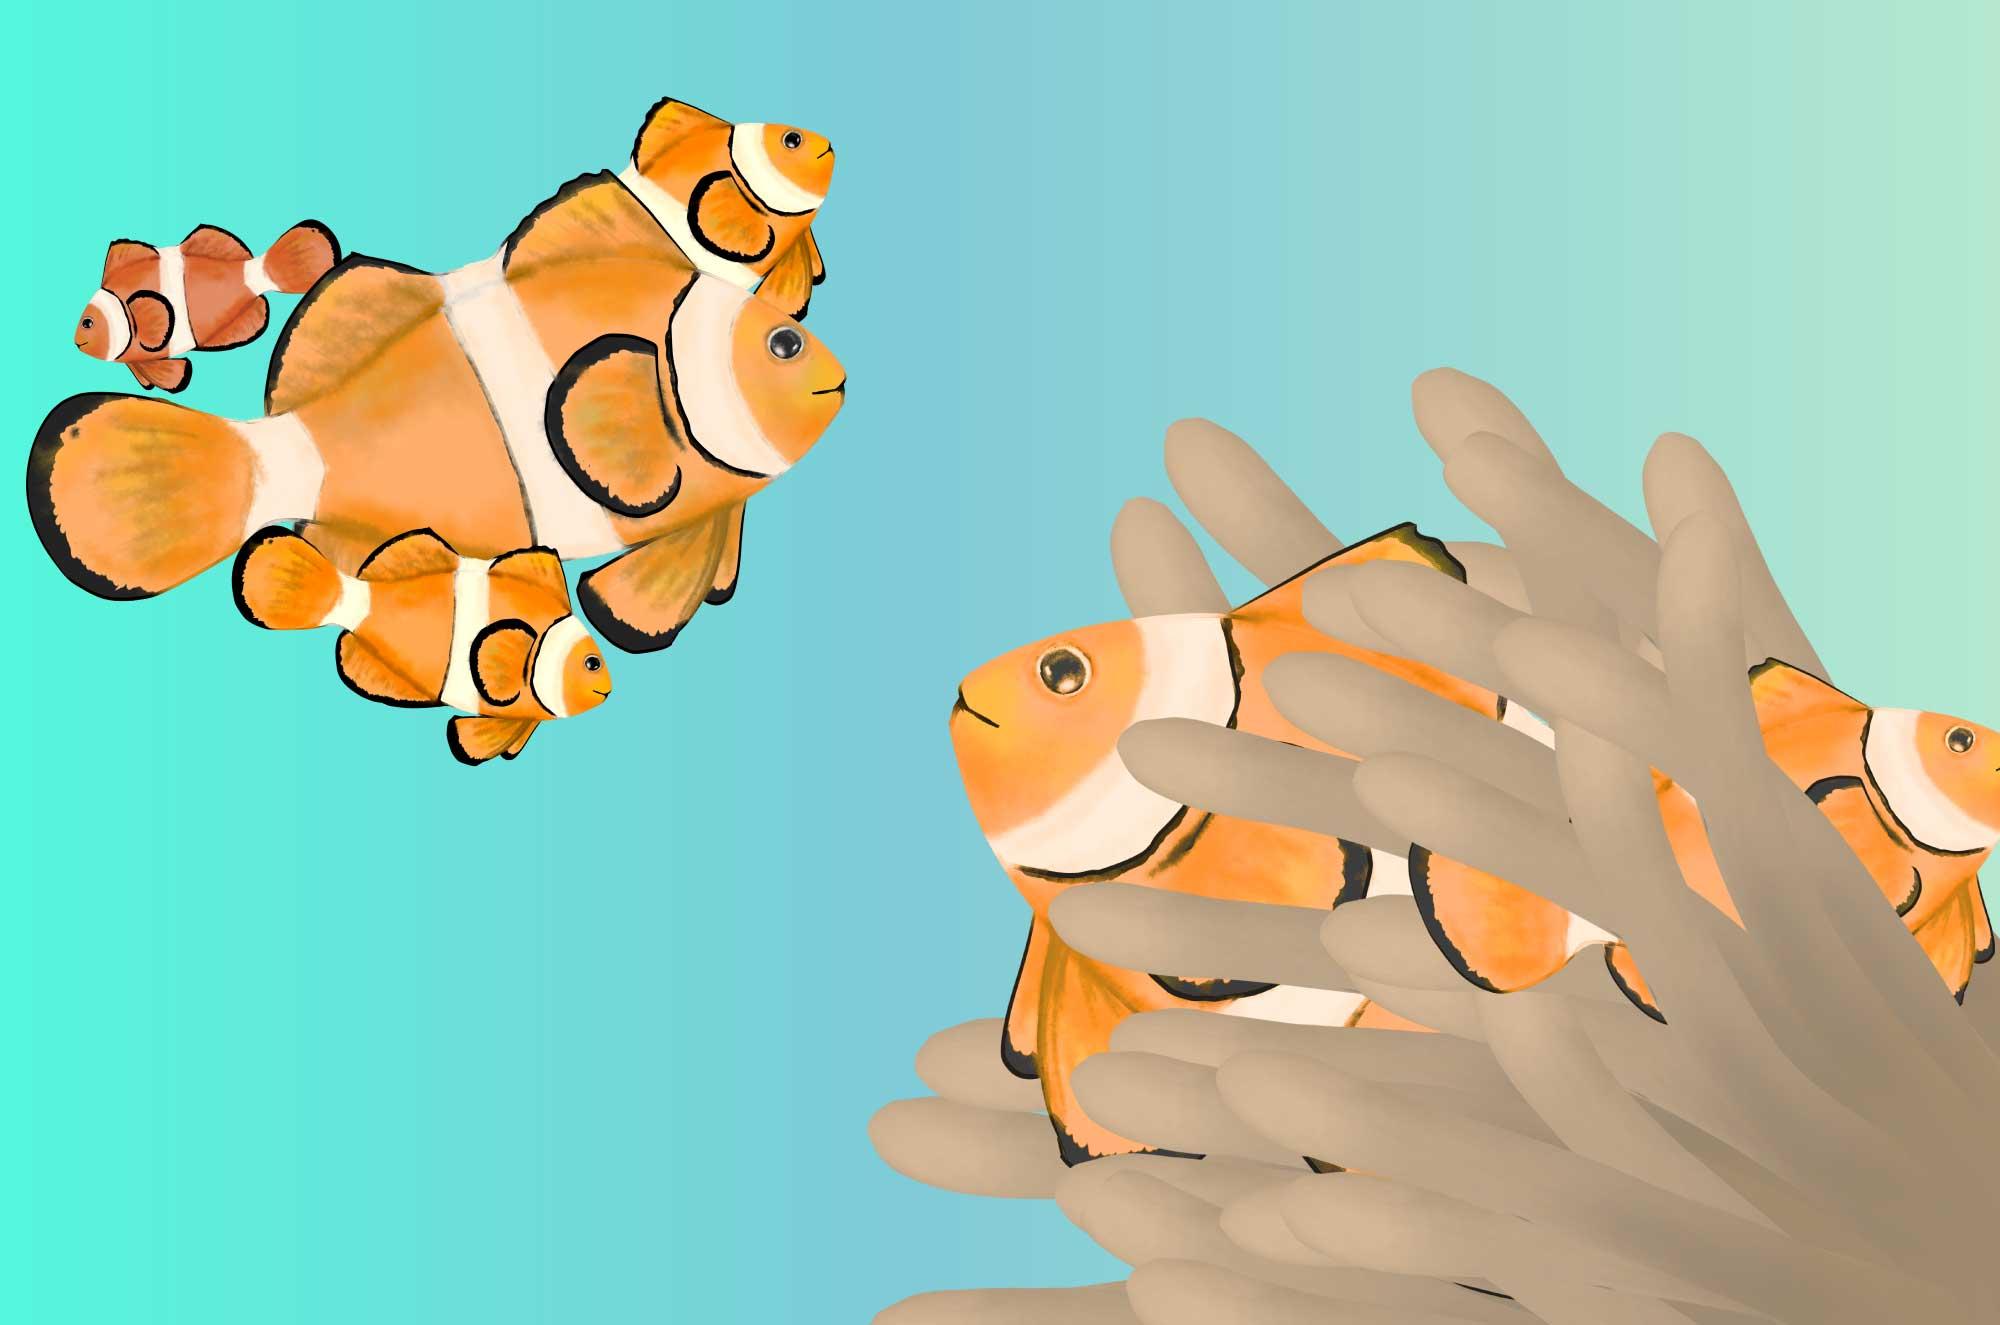 可愛いクマノミの無料イラスト - 海の魚のフリー素材